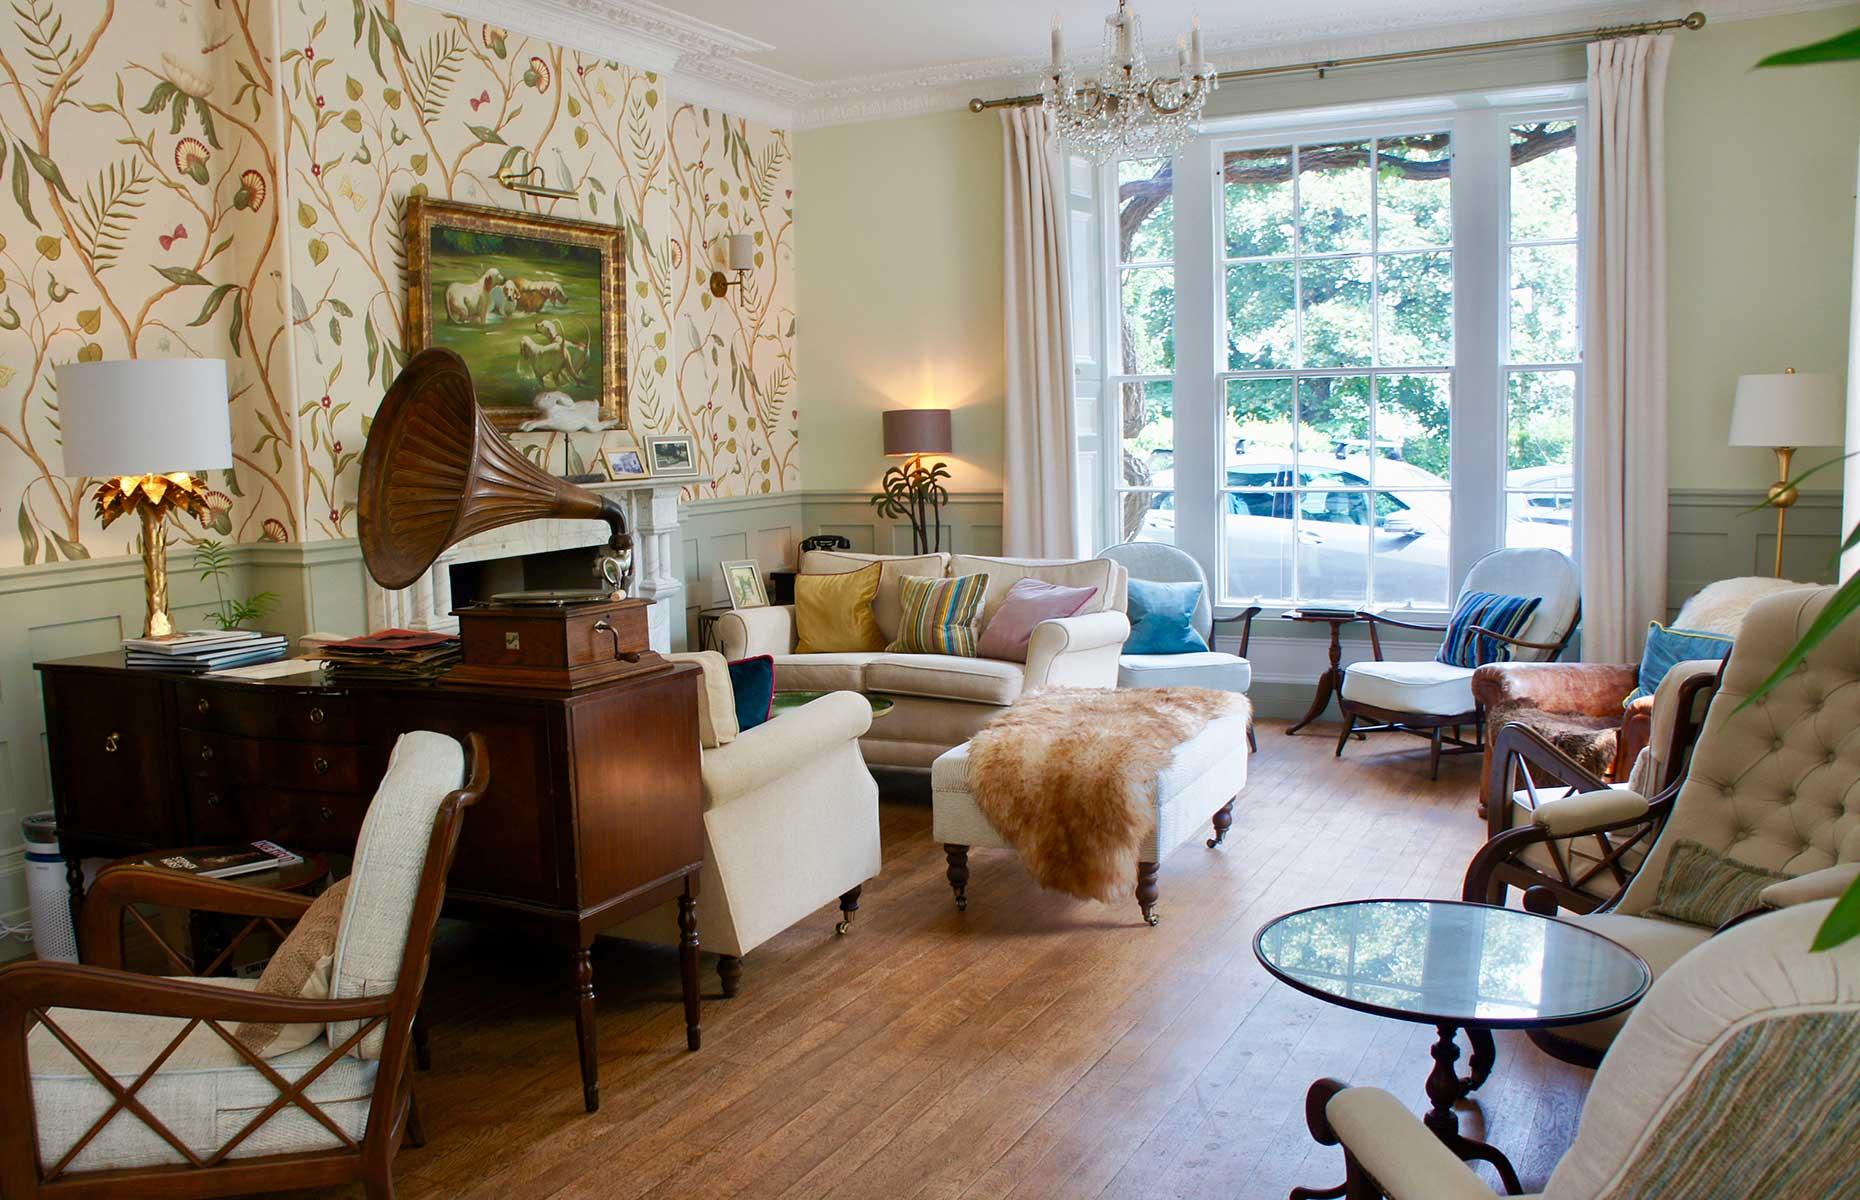 Burleigh Court lounge (Image: Burleigh Court Photography)